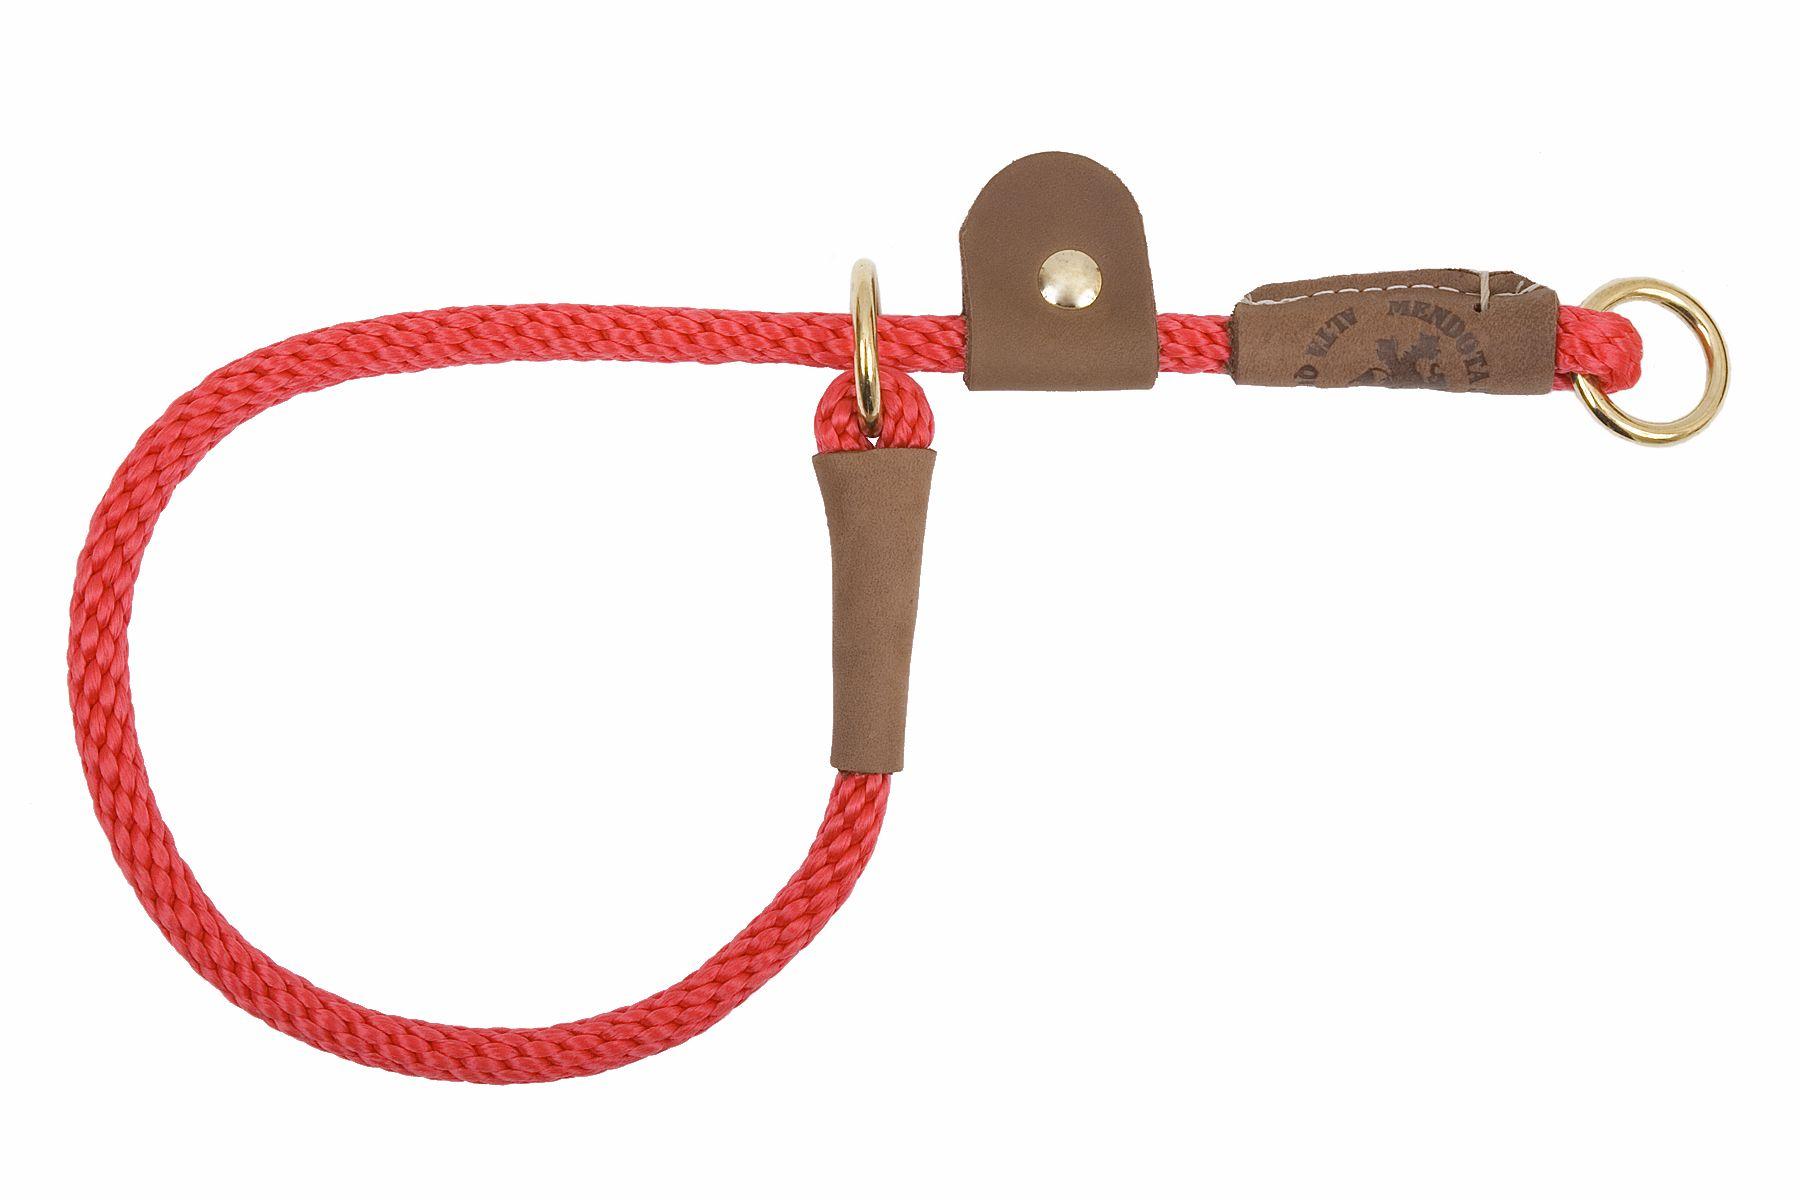 Mendota Pro Trainer Slip Collar Mendota, Dog training